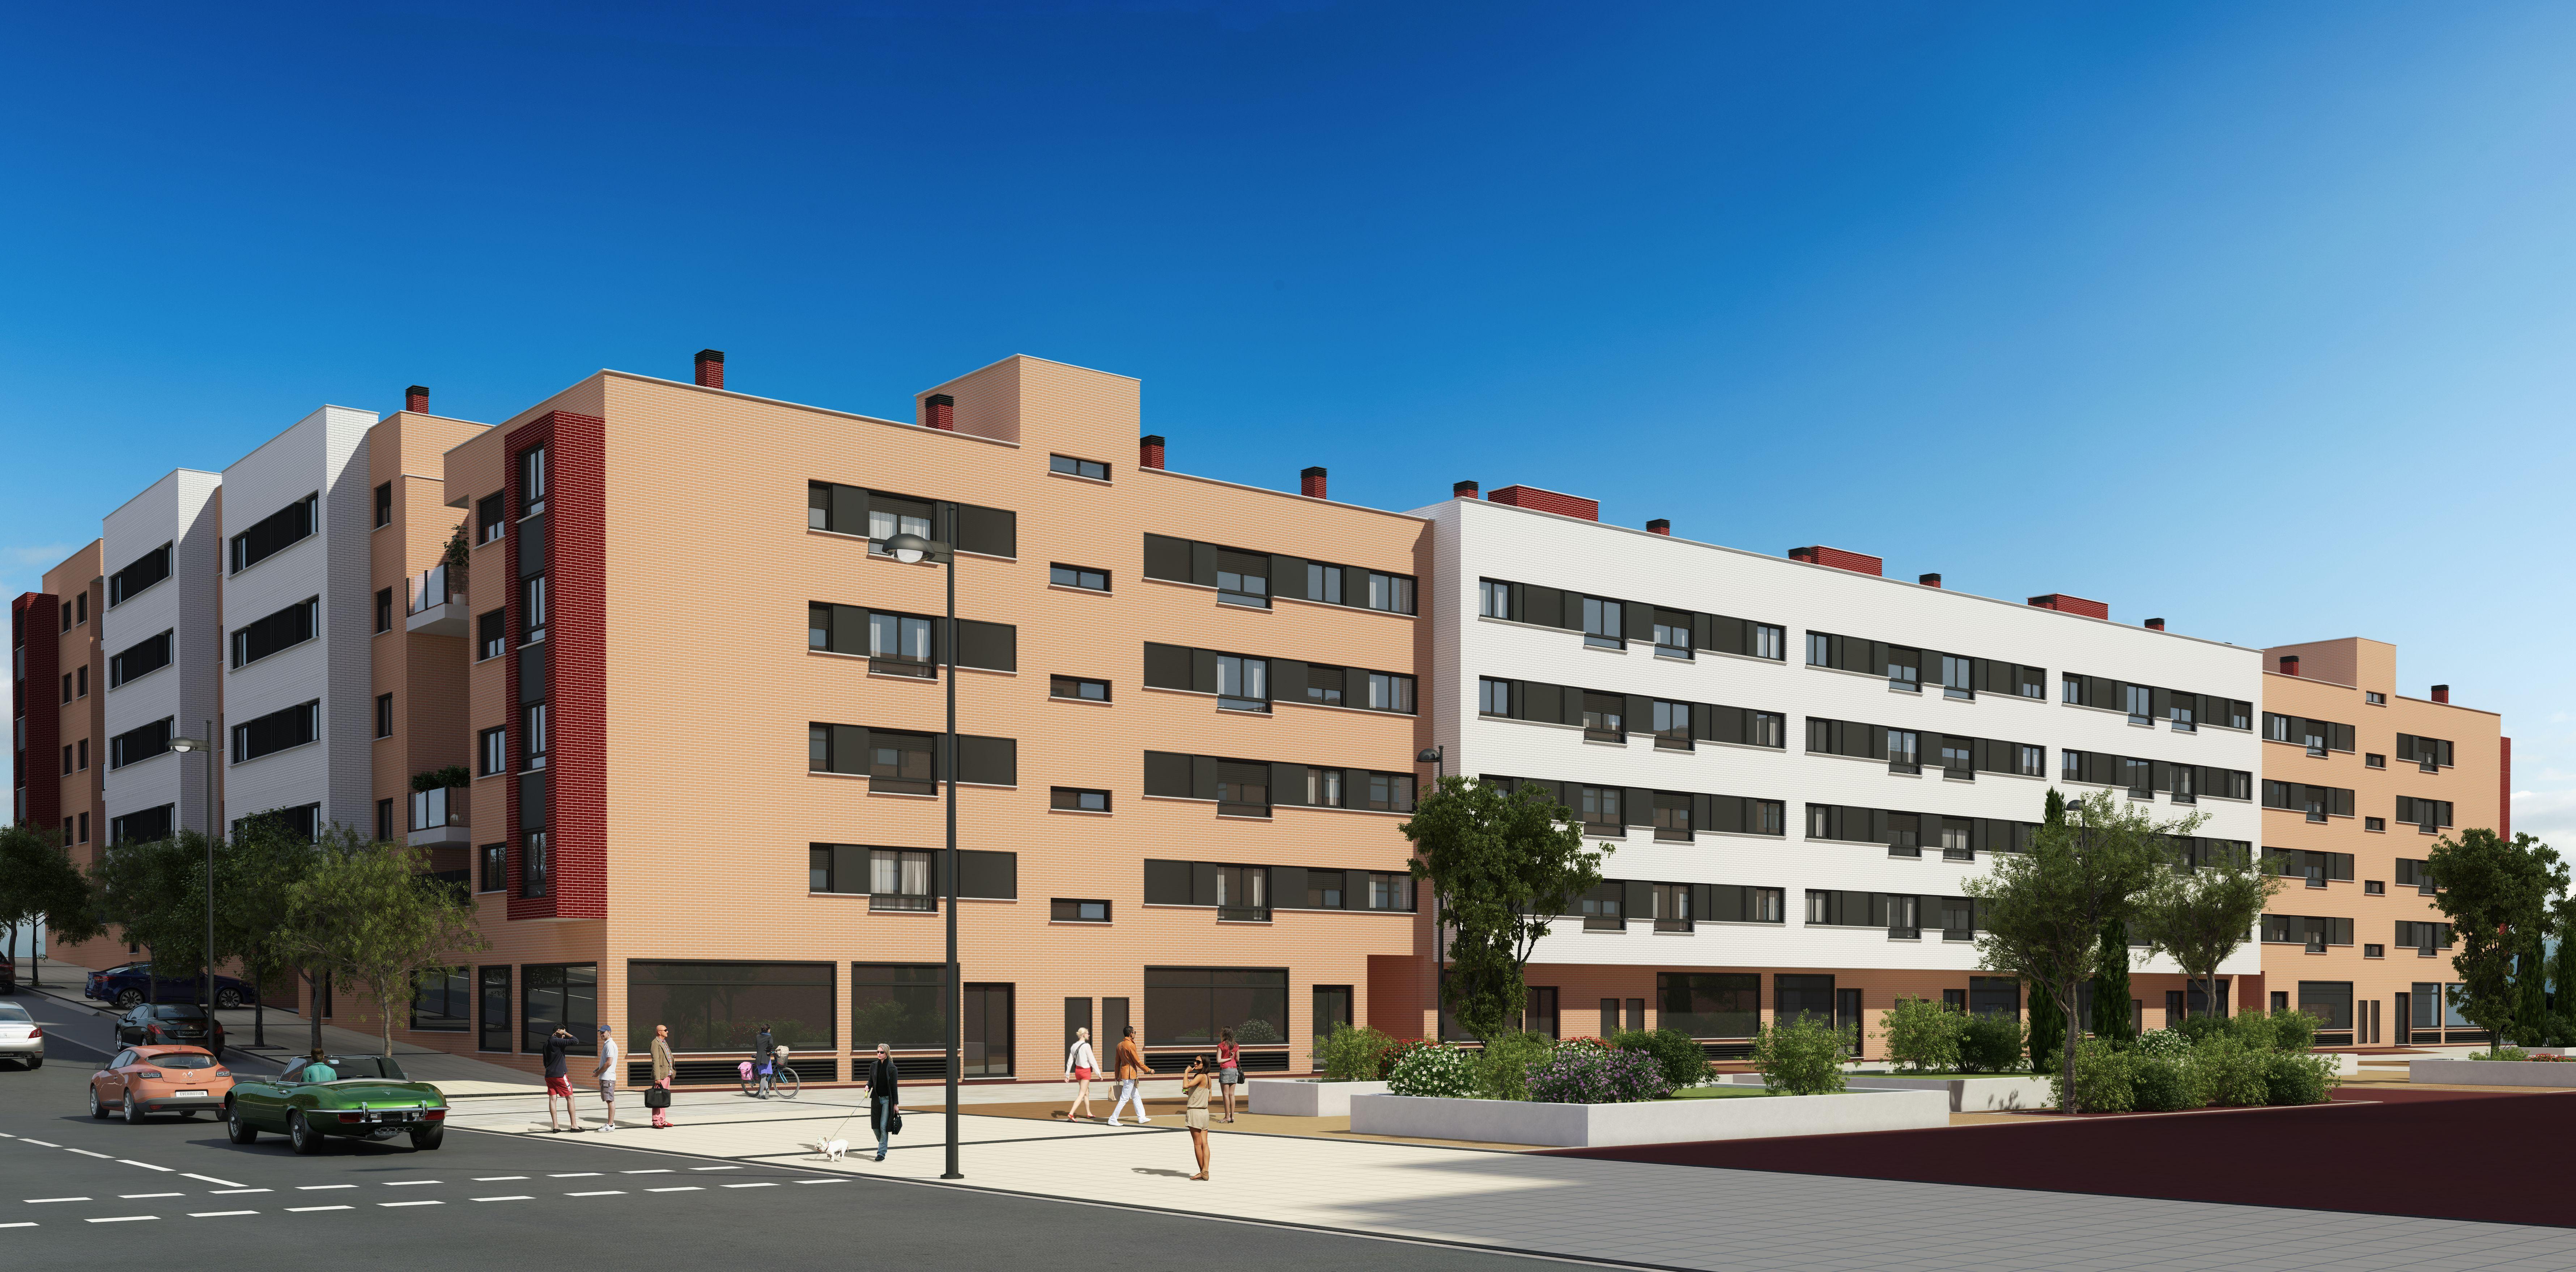 146 viviendas en Getafe, Buenavista